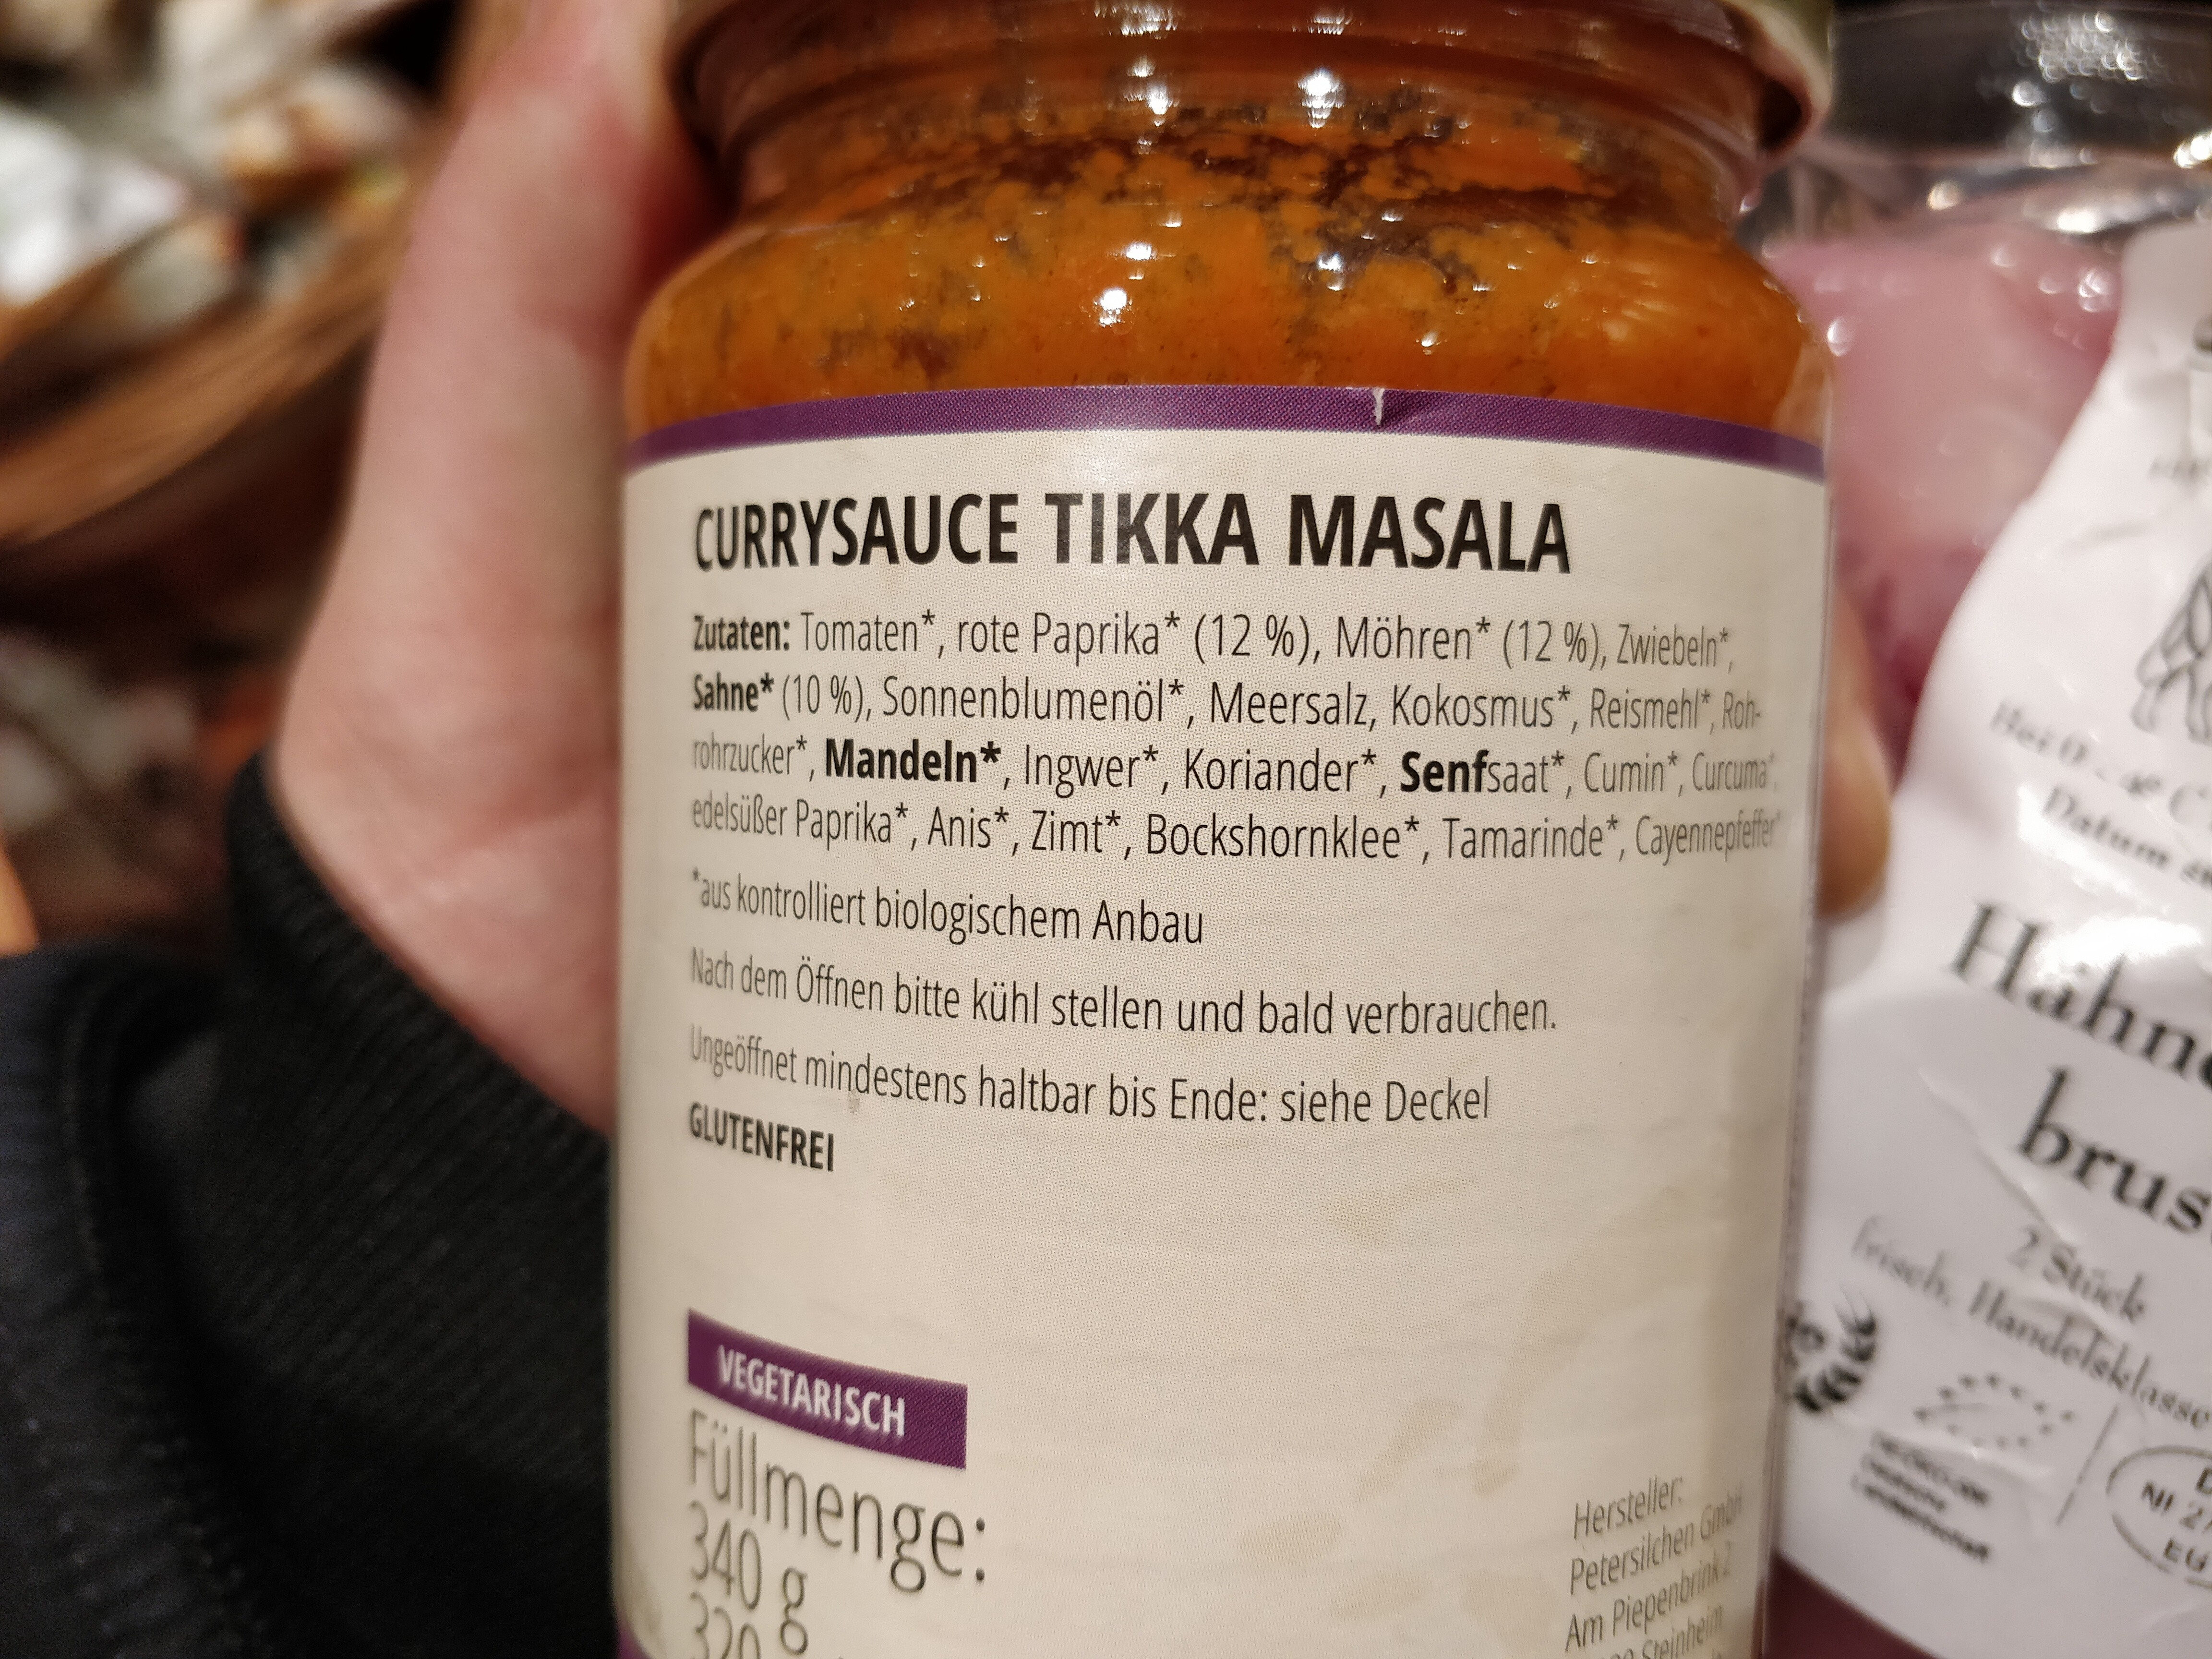 Tikka Masala - Ingredients